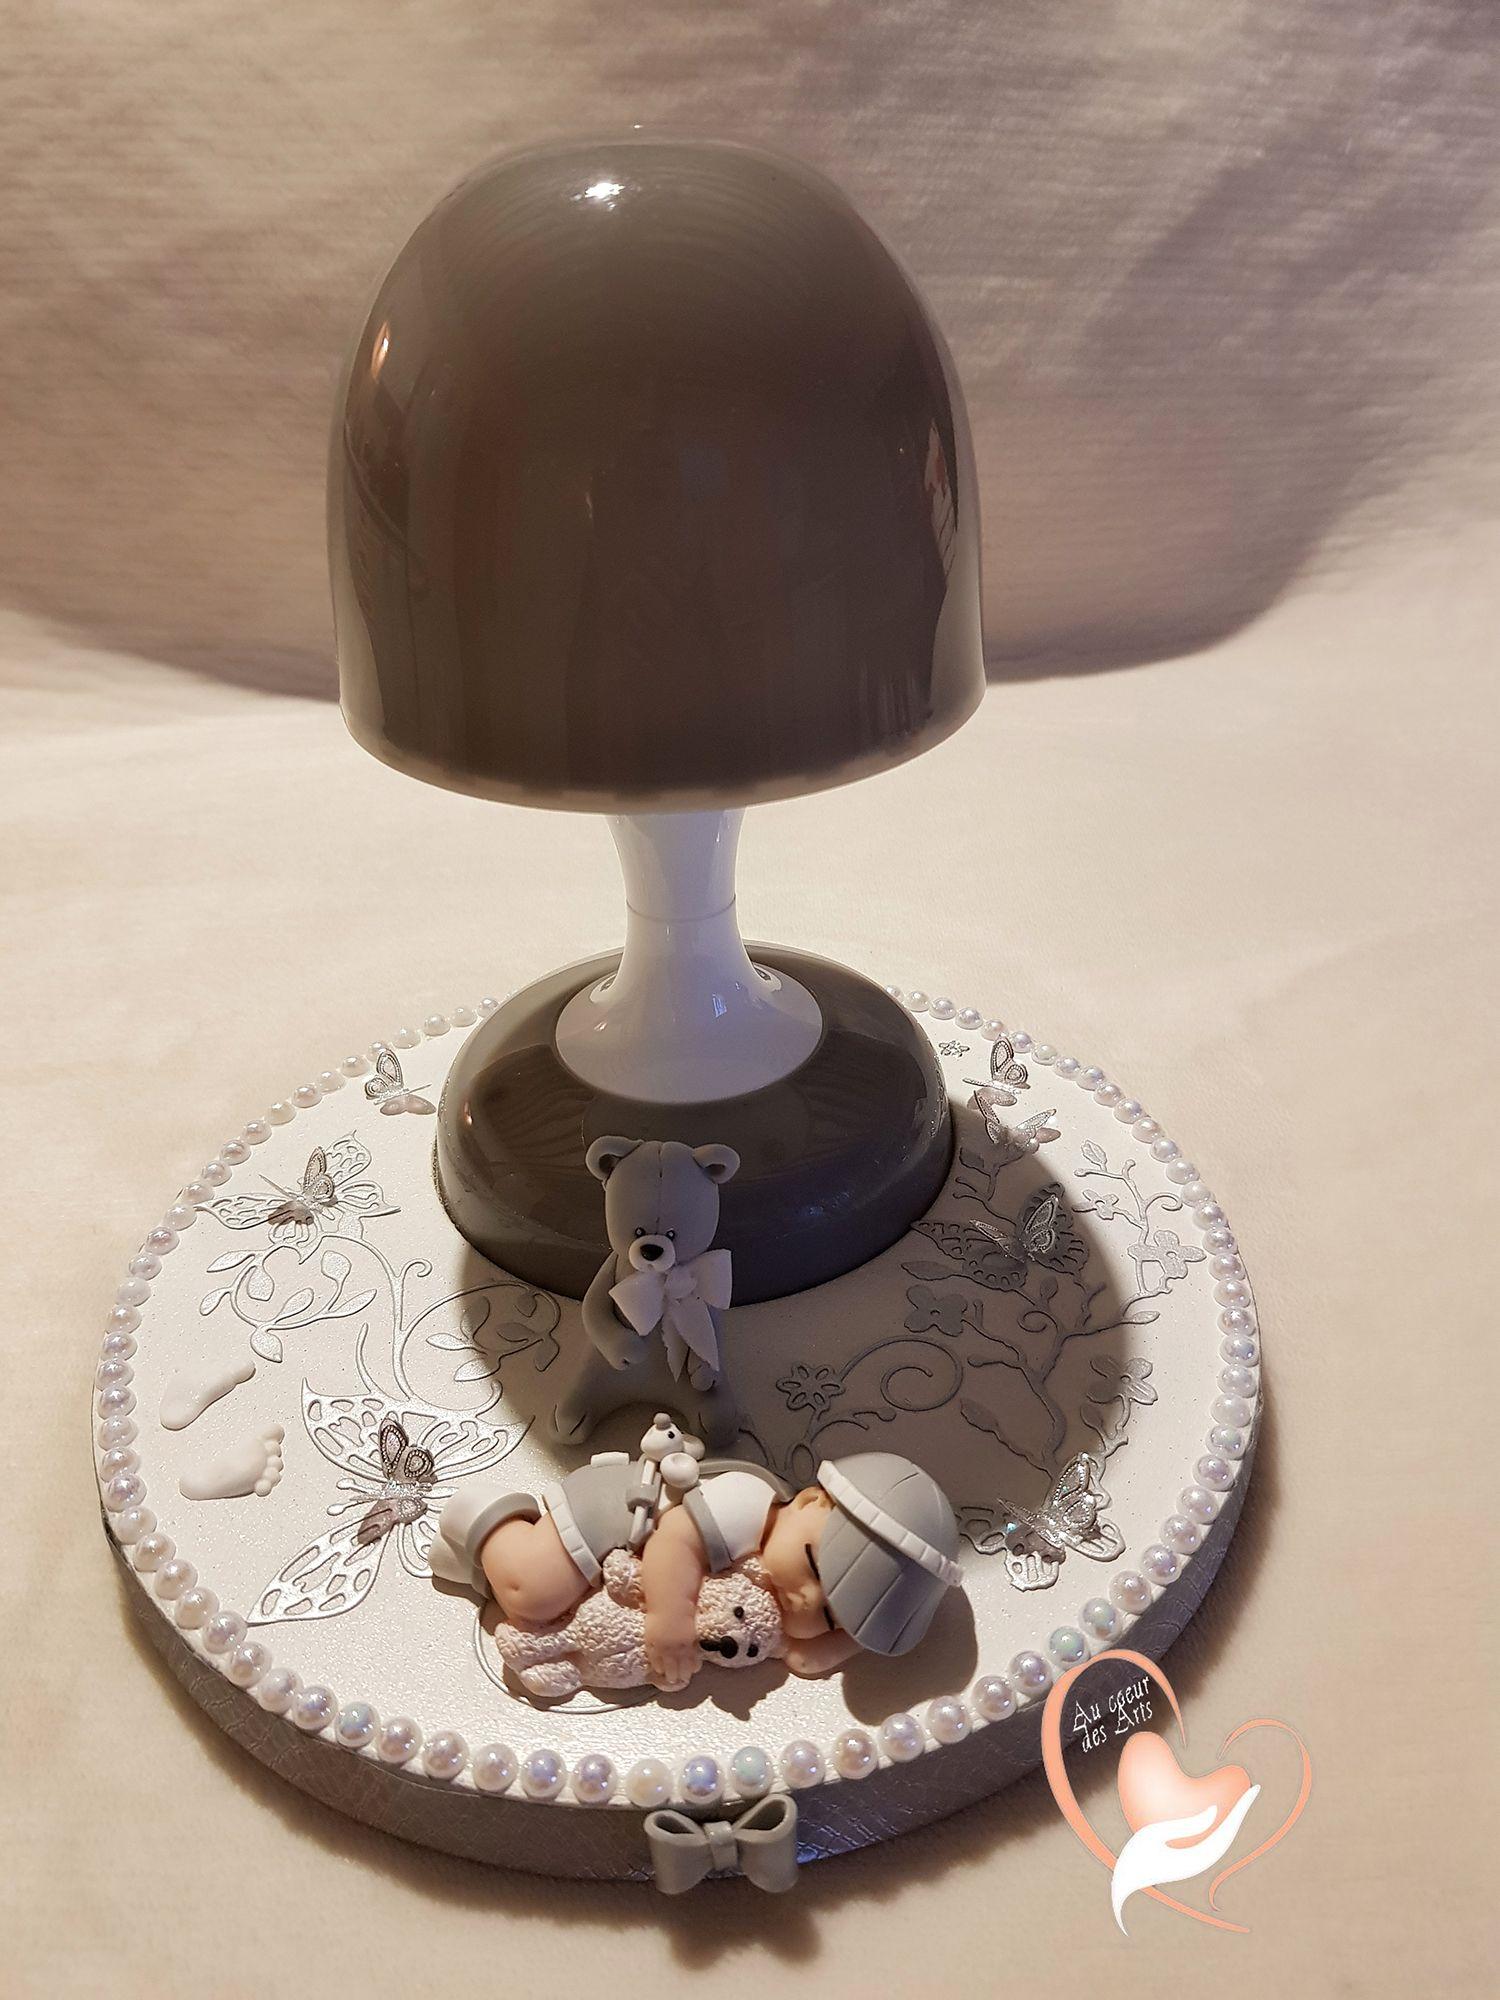 Veilleuse Lampe Lumineuse Sur Socle En Bois Bebe Garcon Au Coeur Des Arts Enfants Veilleuse Bebe Garcon Lumineux